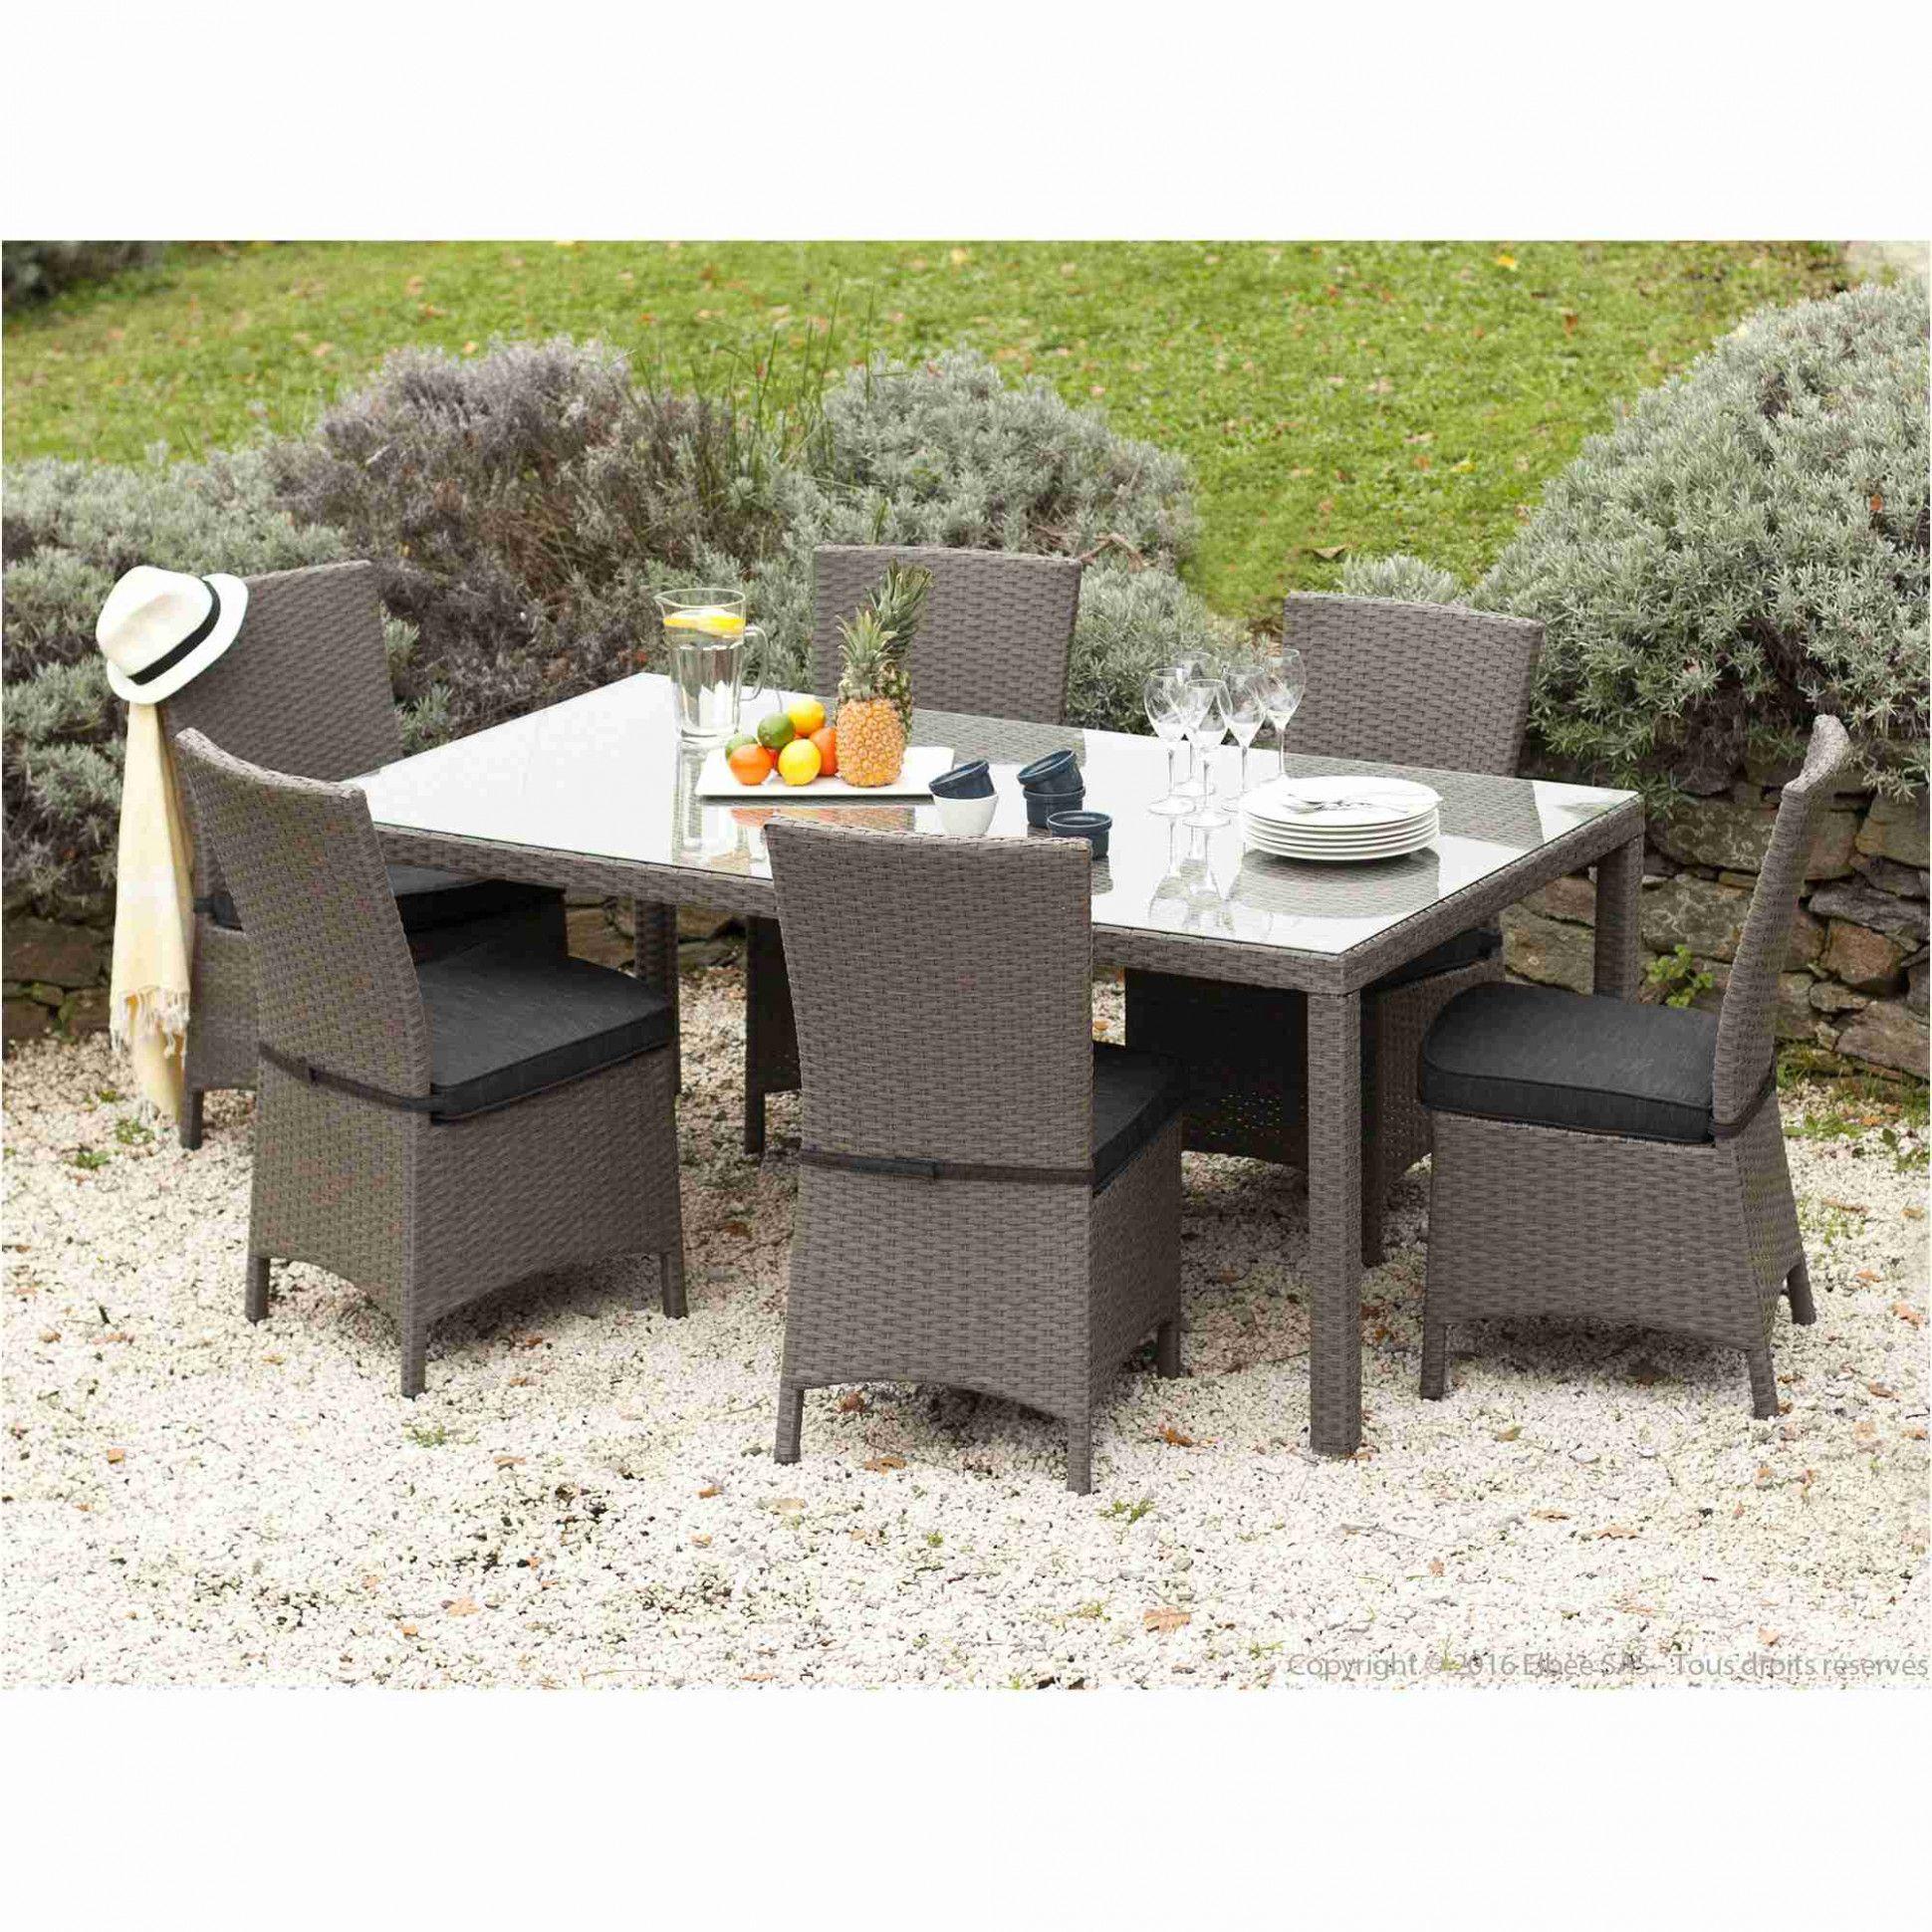 Salon De Jardin Outdoor Furniture Sets Outdoor Decor Outdoor Furniture